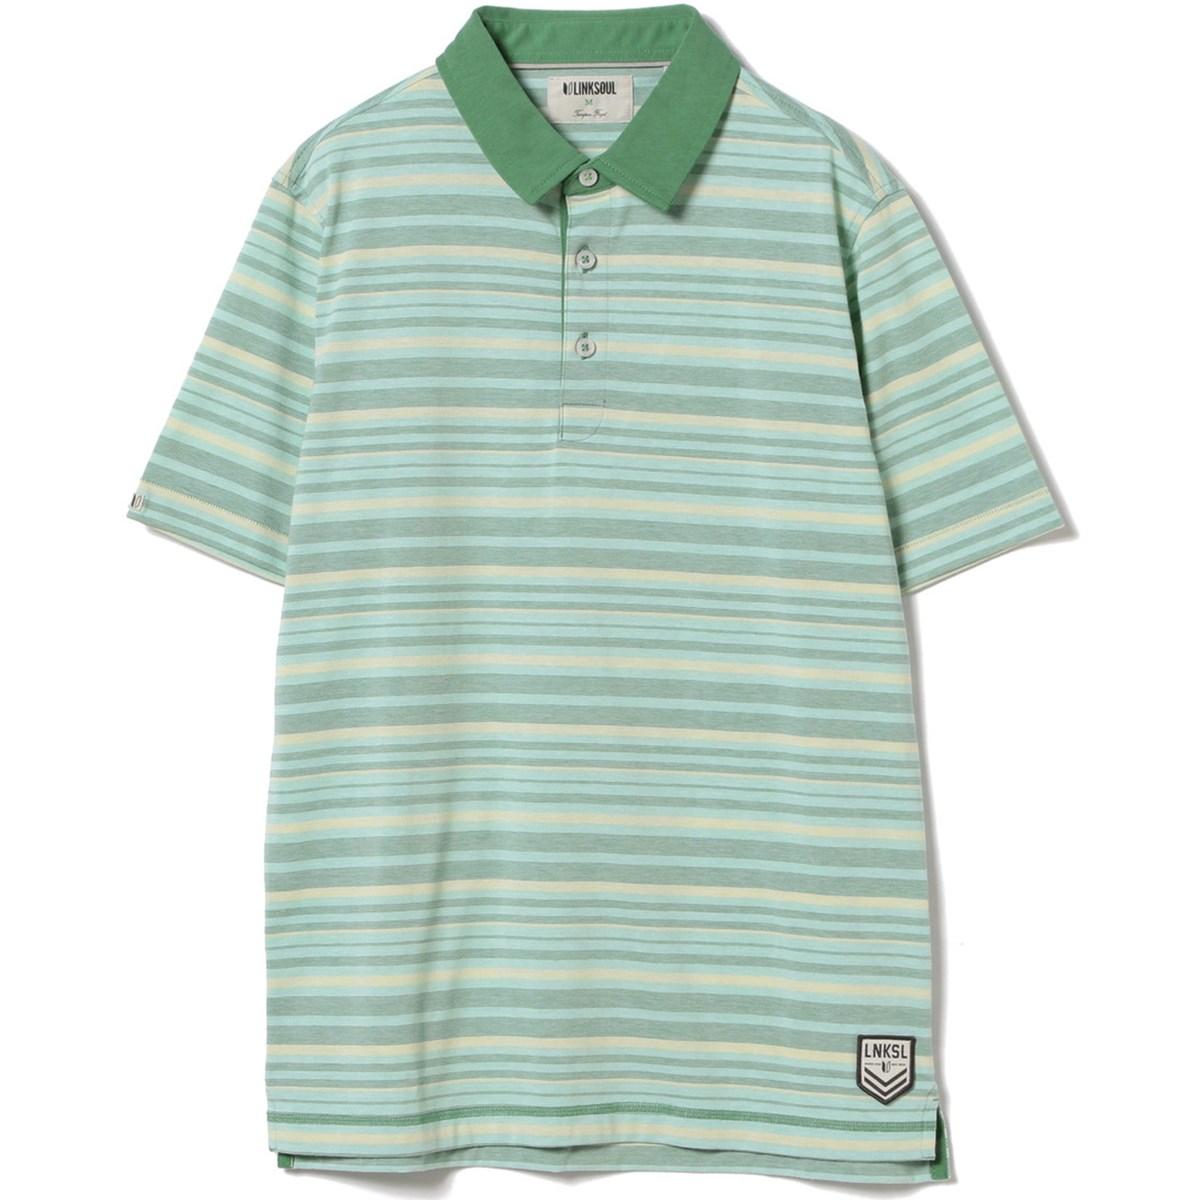 ビームスゴルフ LINKSOUL マルチストライプ 半袖ポロシャツ